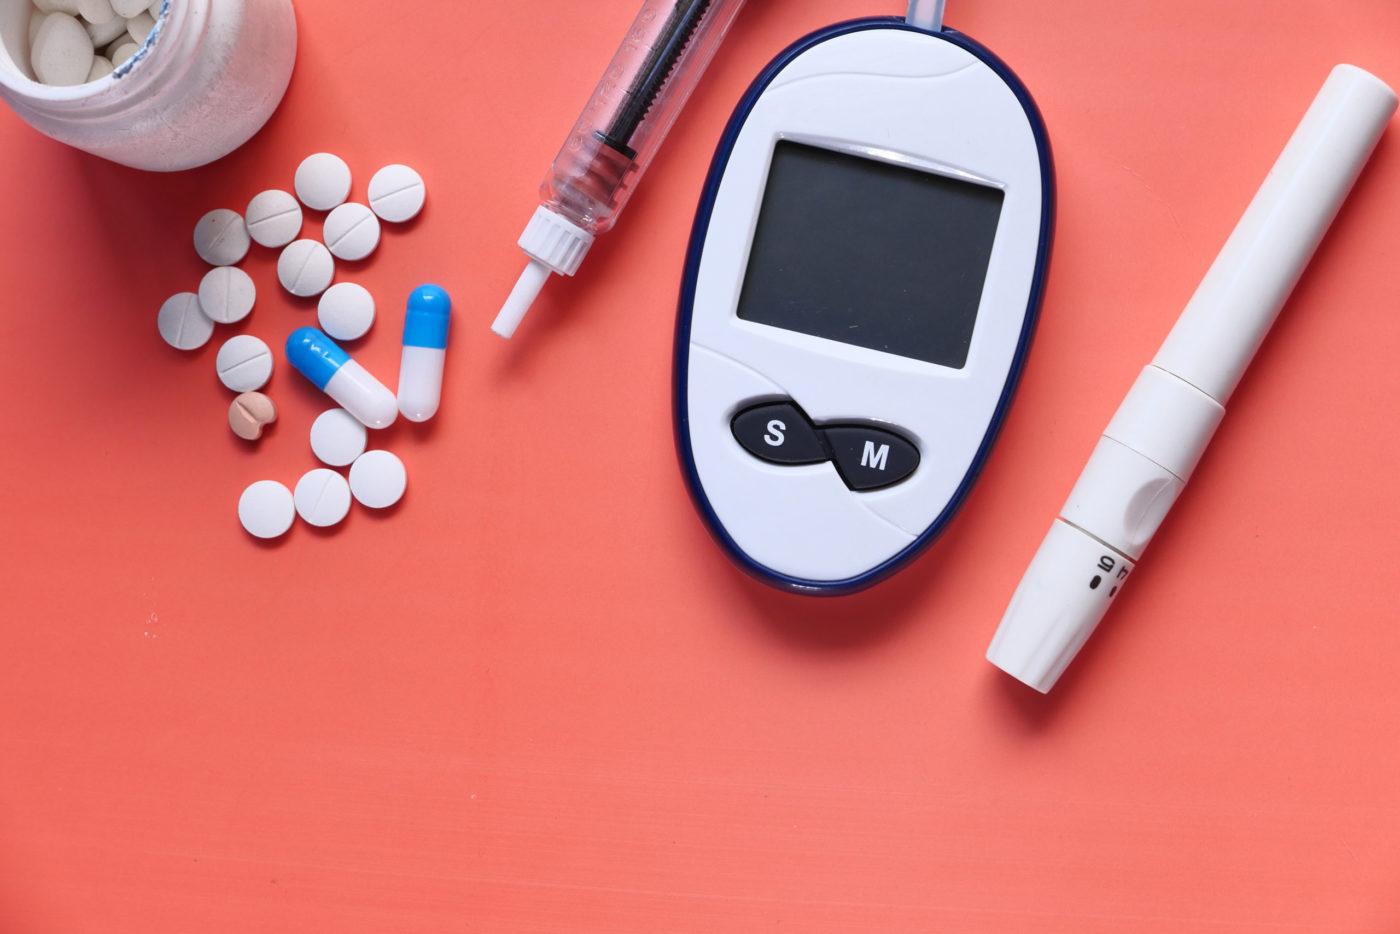 افراد مبتلا به دیابت که نیاز به غیر انسولین دارند و آنتی بادی های خودکار مرتبط با دیابت دارند